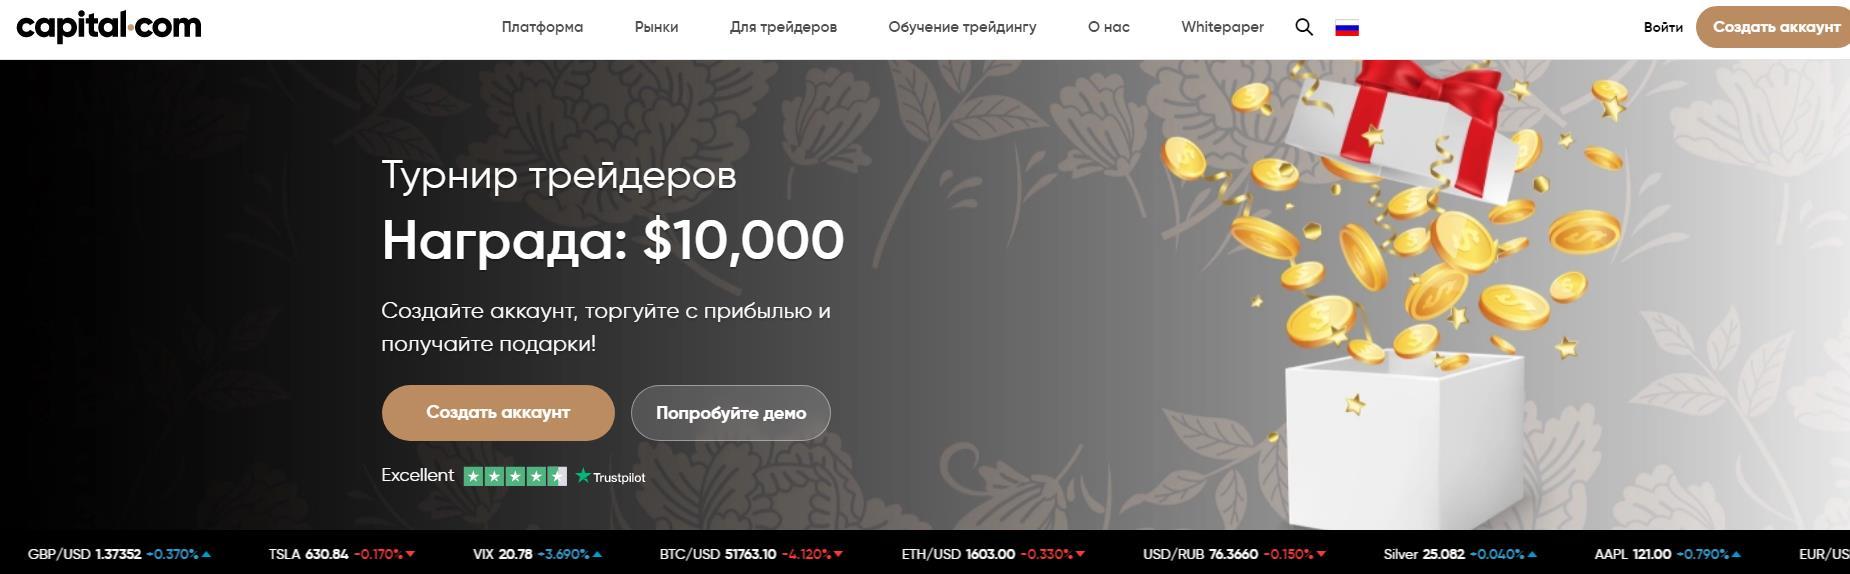 обзор компании capital.com